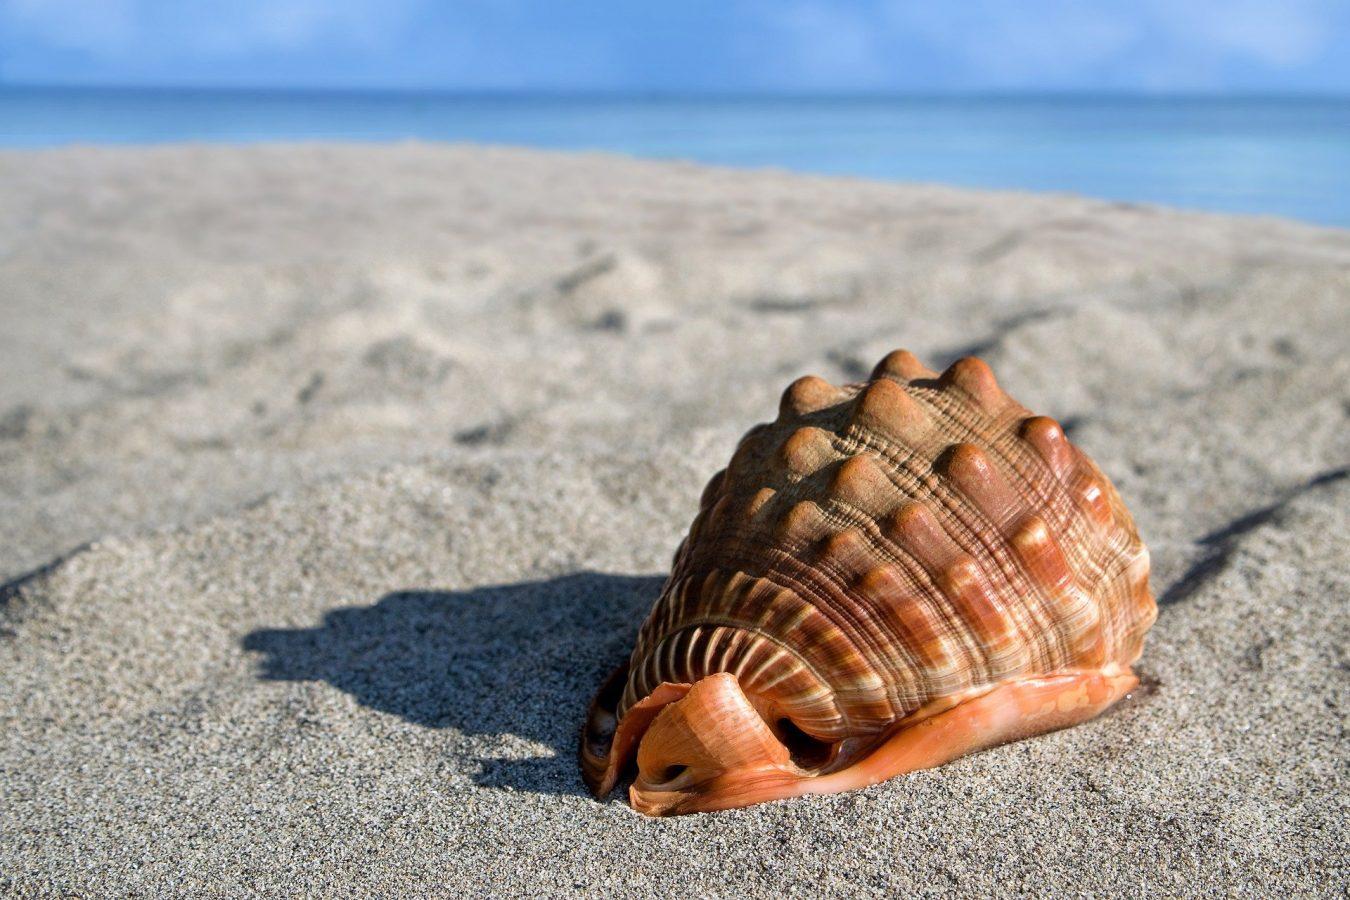 sea-shell-6495338_1920